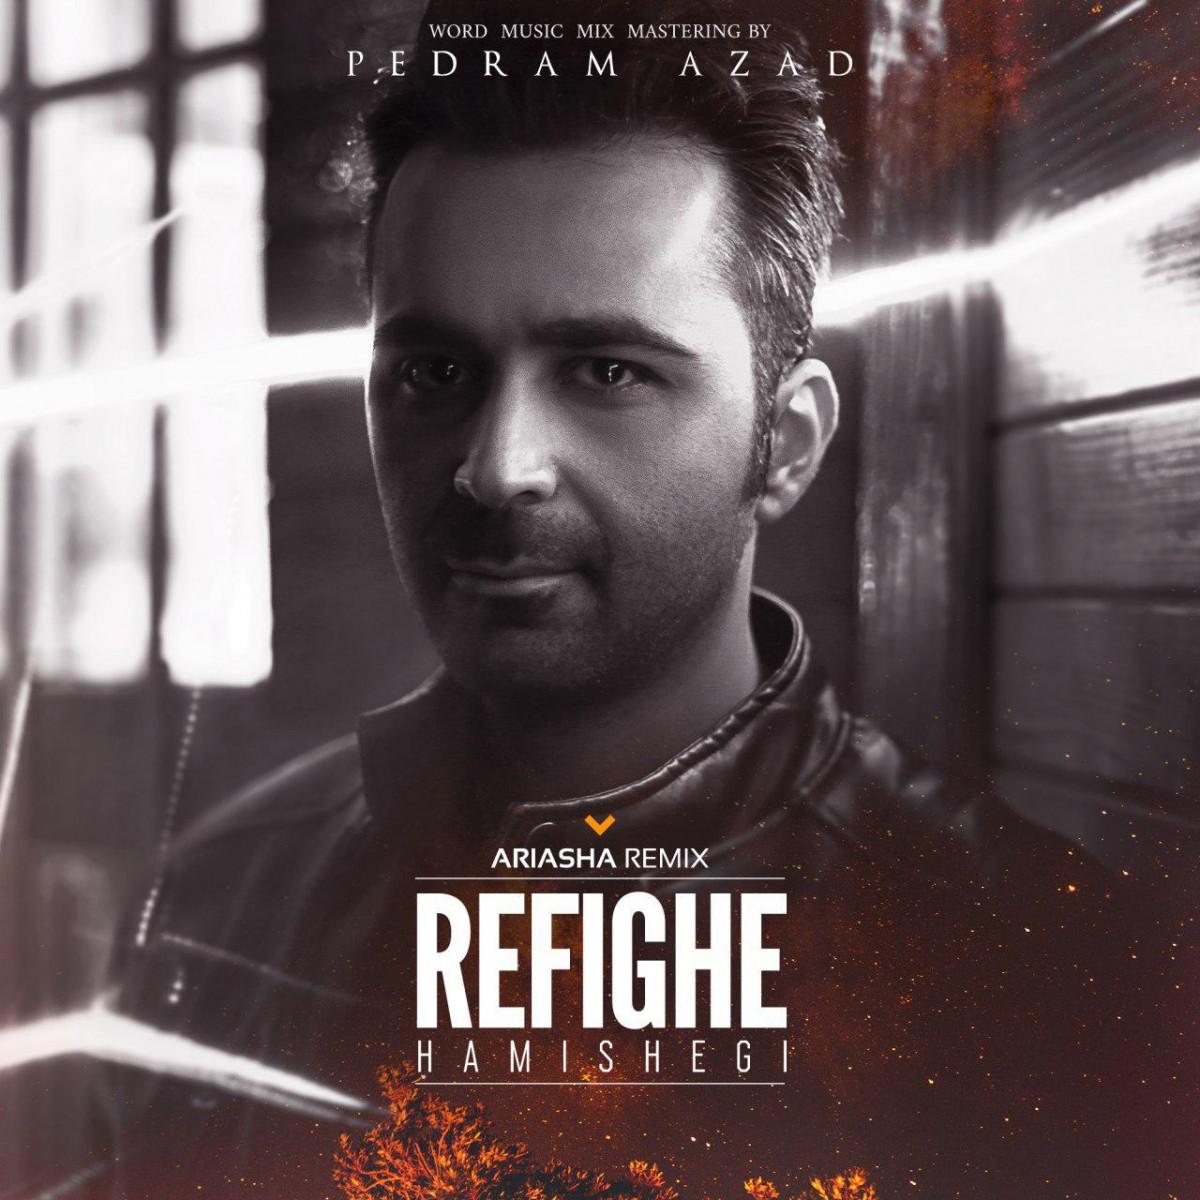 نامبر وان موزیک | دانلود آهنگ جدید Pedram-Azad-Refighe-Hamishegi-Remix